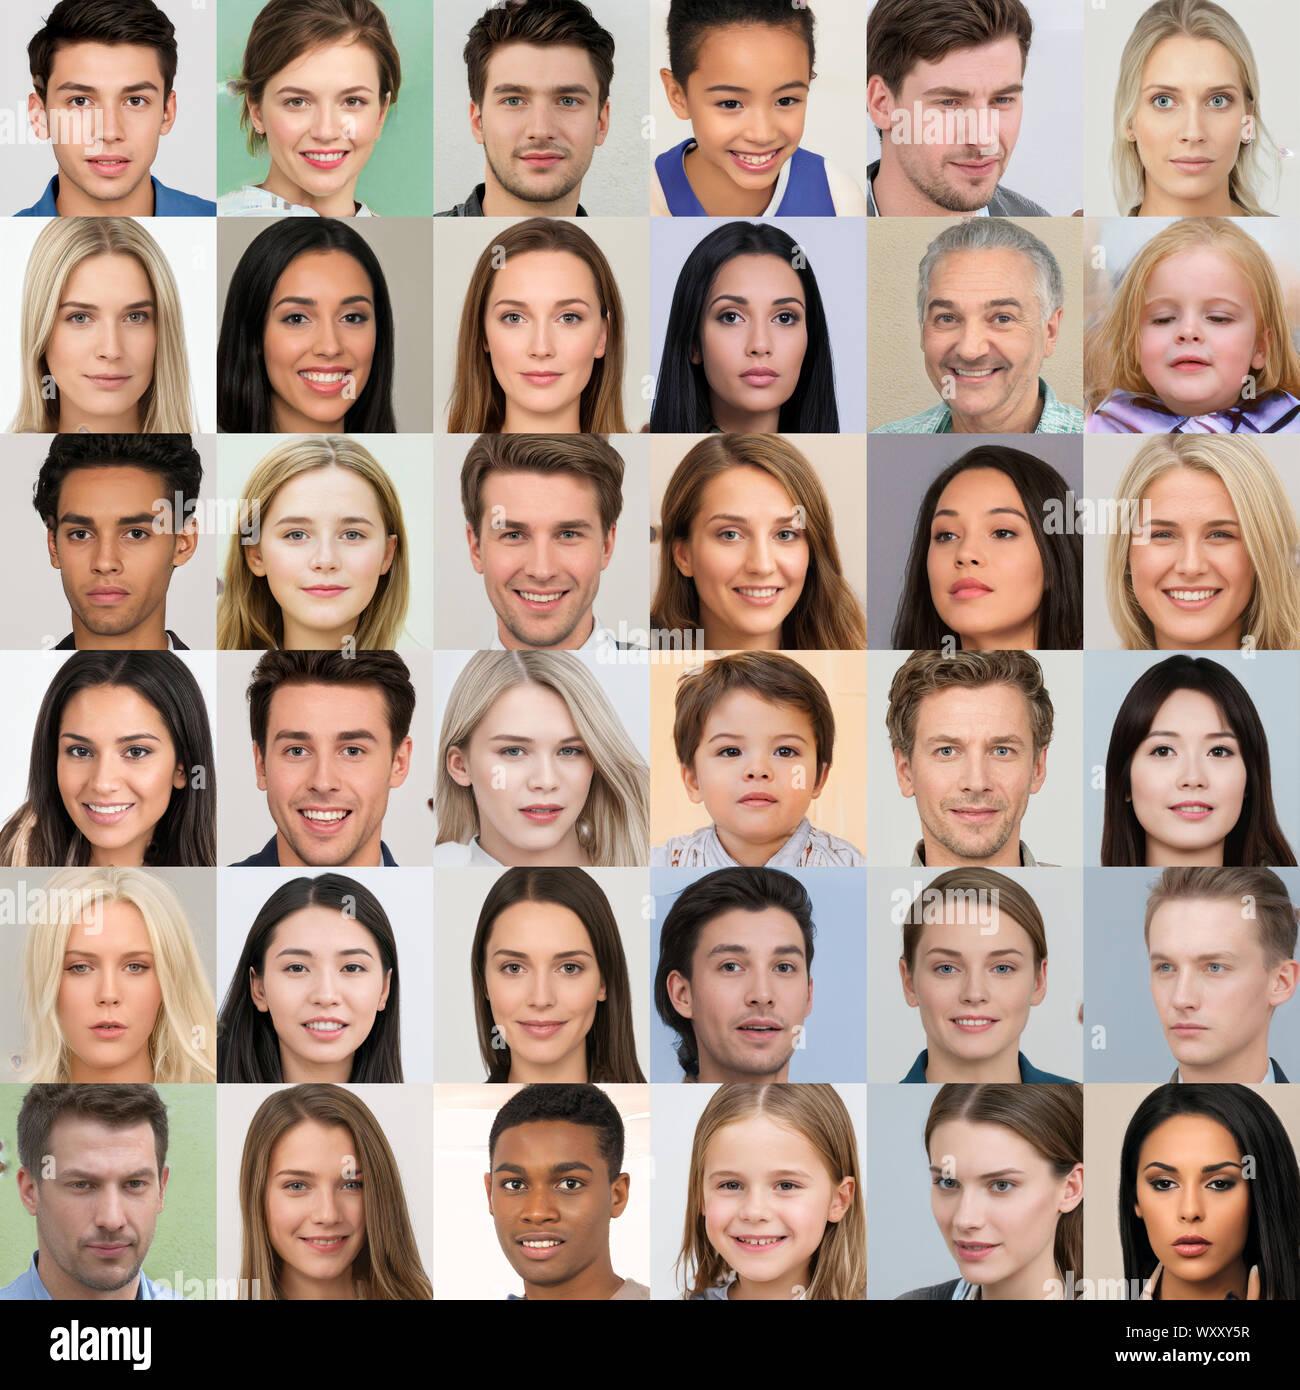 Kiev, Ukraine - le 17 septembre 2019: Collage de AI-hyperréaliste a généré des visages humains, créés par le GAN - réseau accusatoire générative Banque D'Images